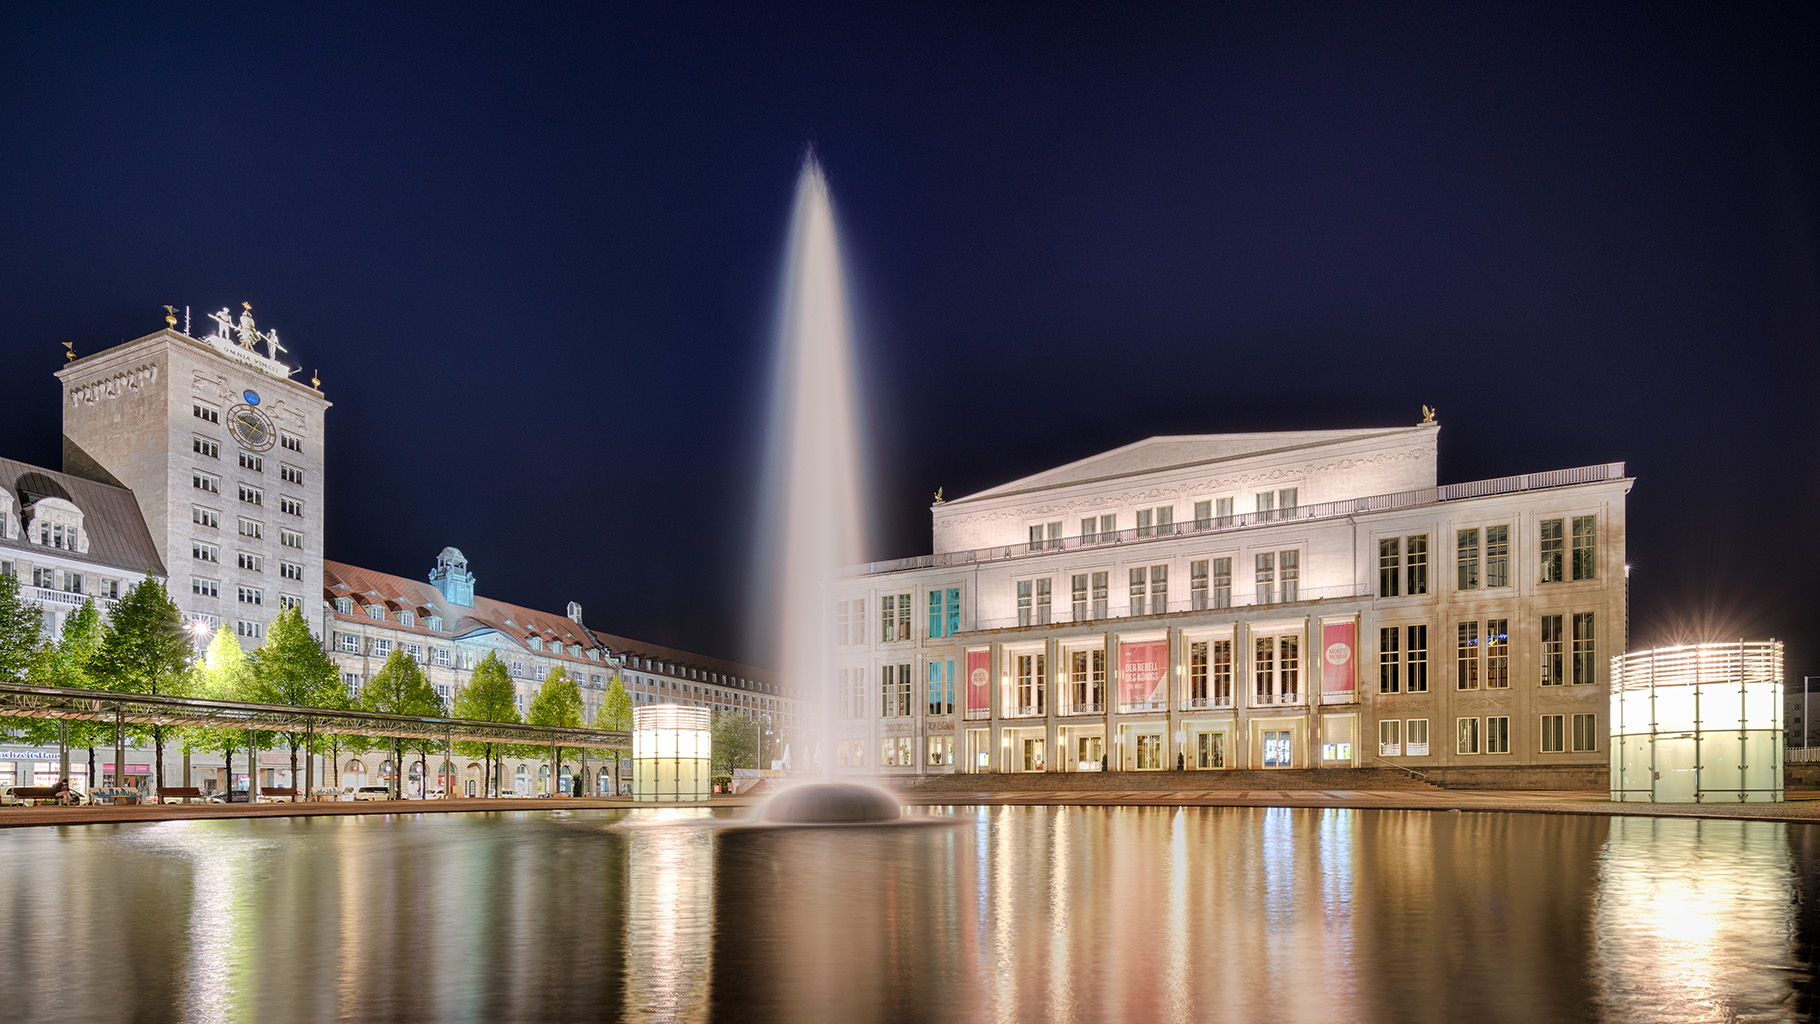 Leipzig Augustusplatz North, Germany